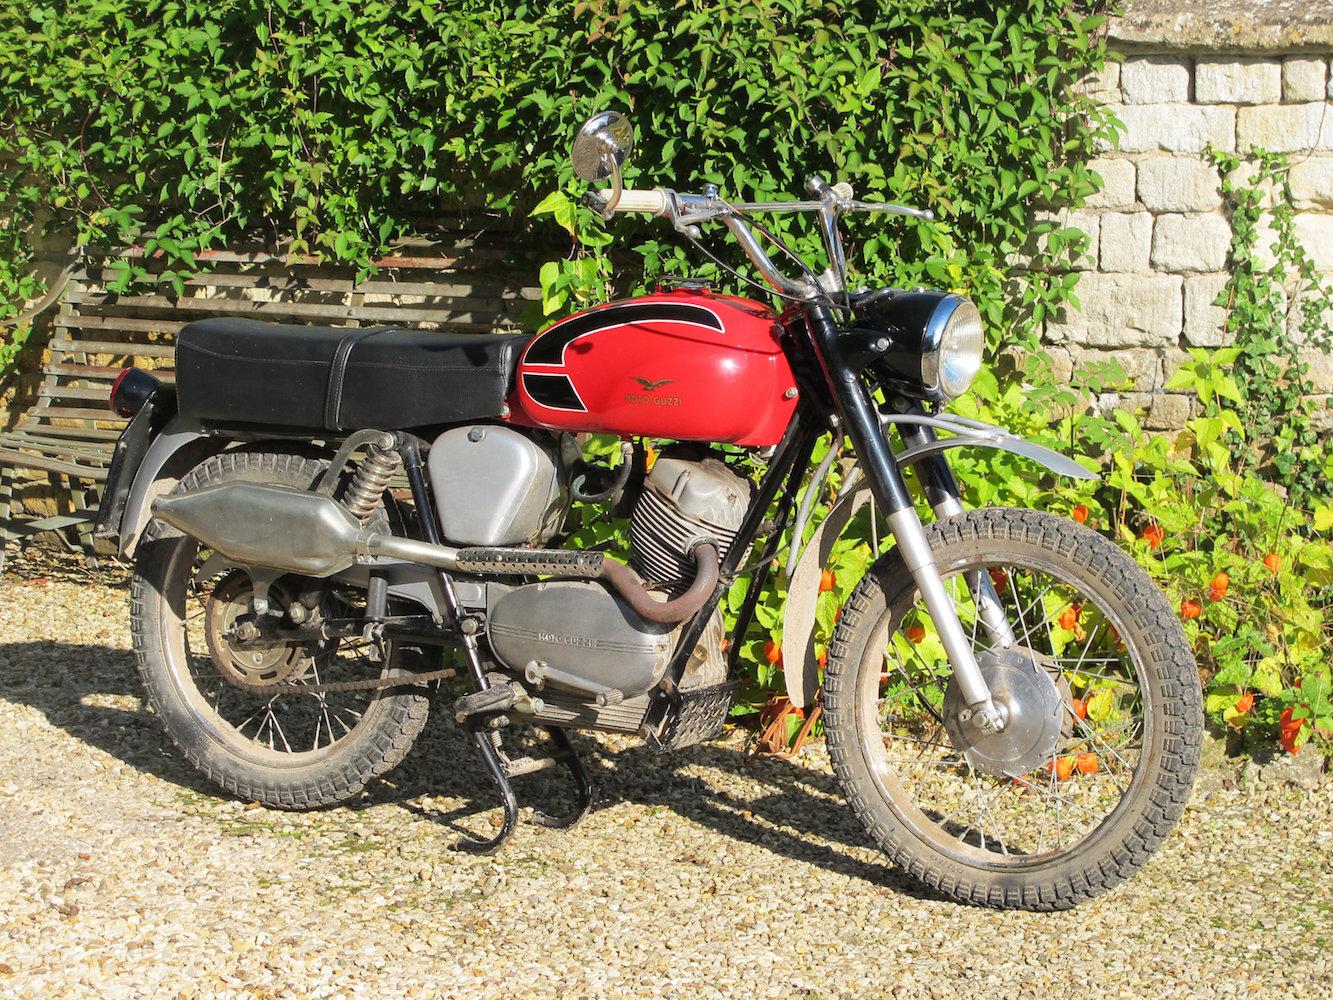 1968 Moto guzzi 125cc stornello For Sale (picture 4 of 6)